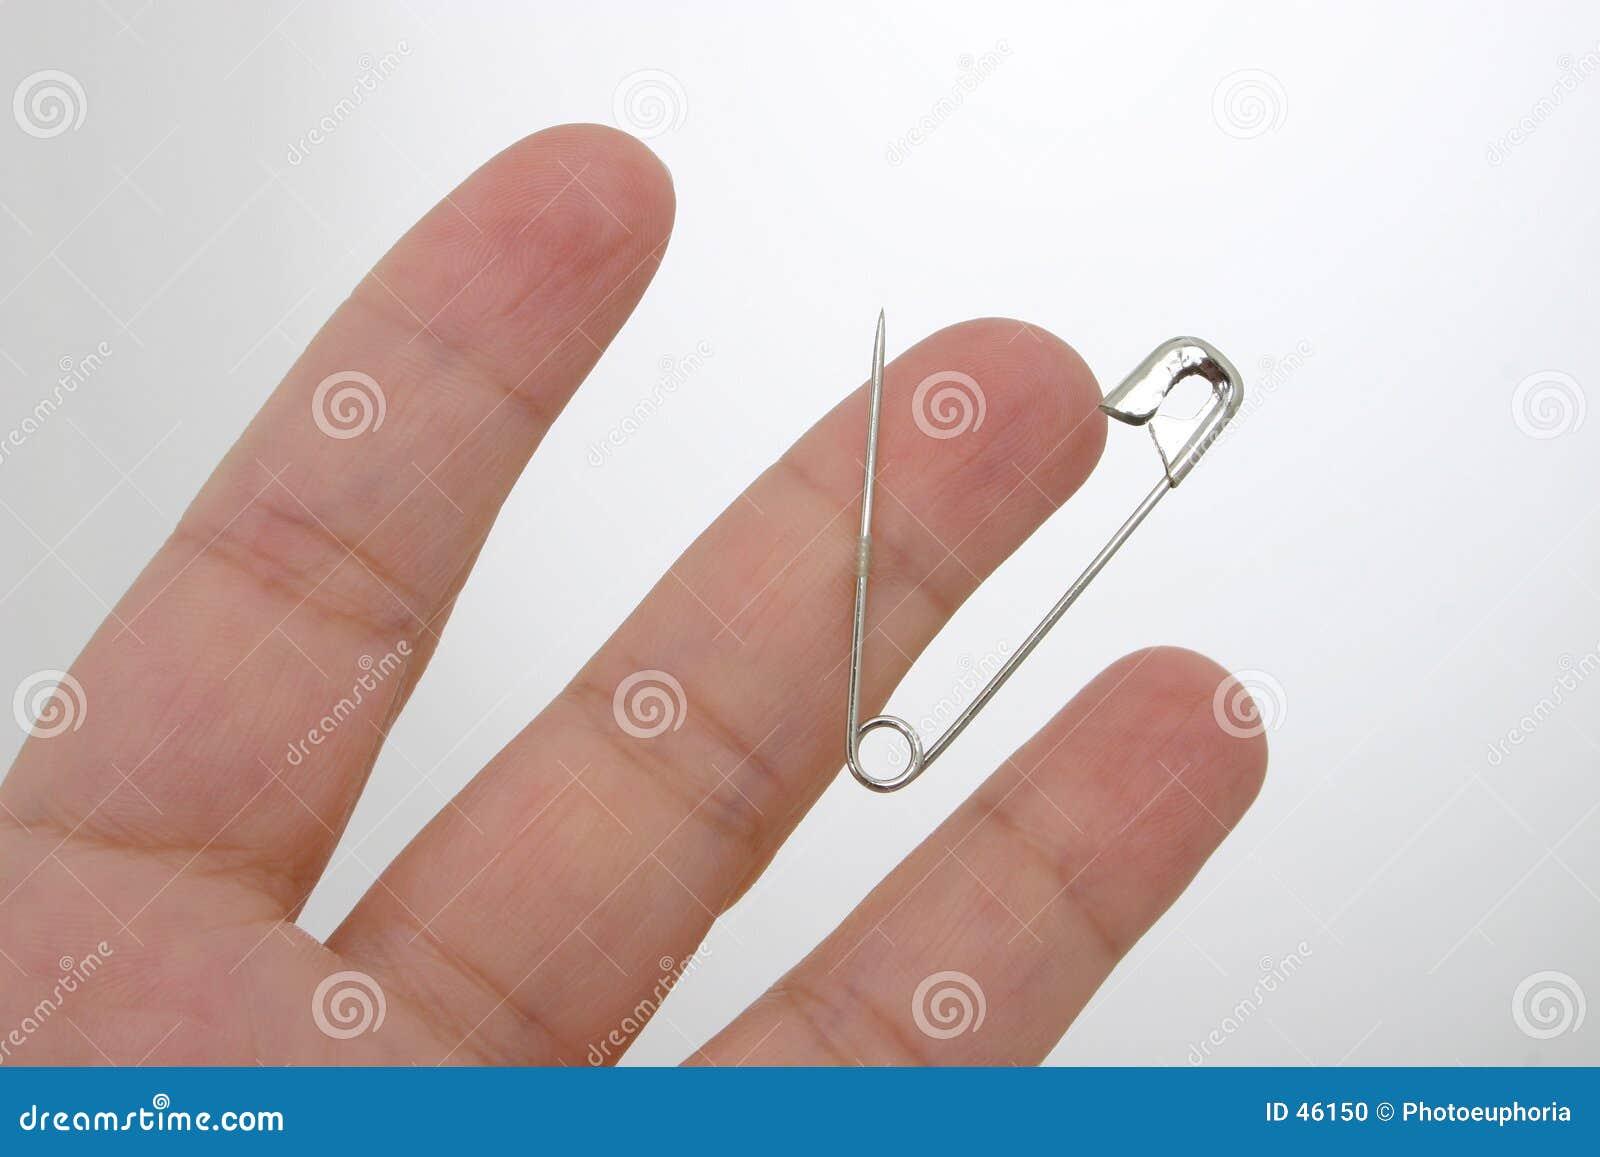 手指被困住的针安全性